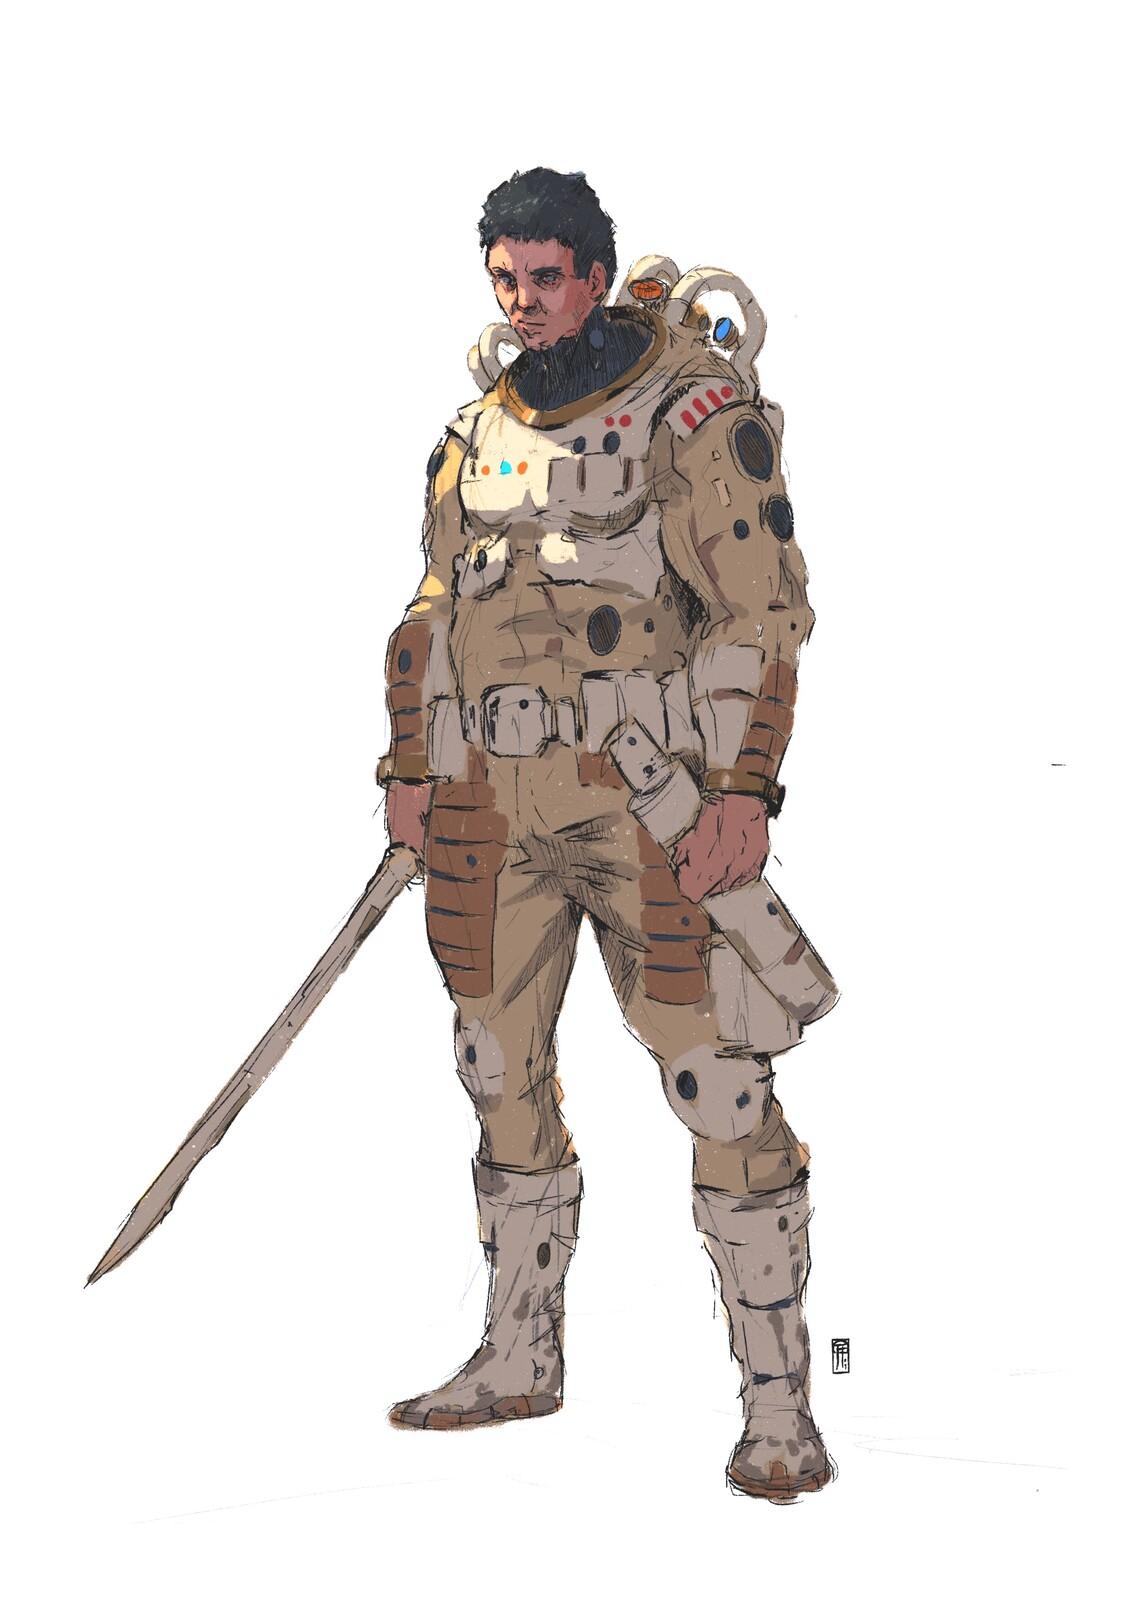 Space dude sketch